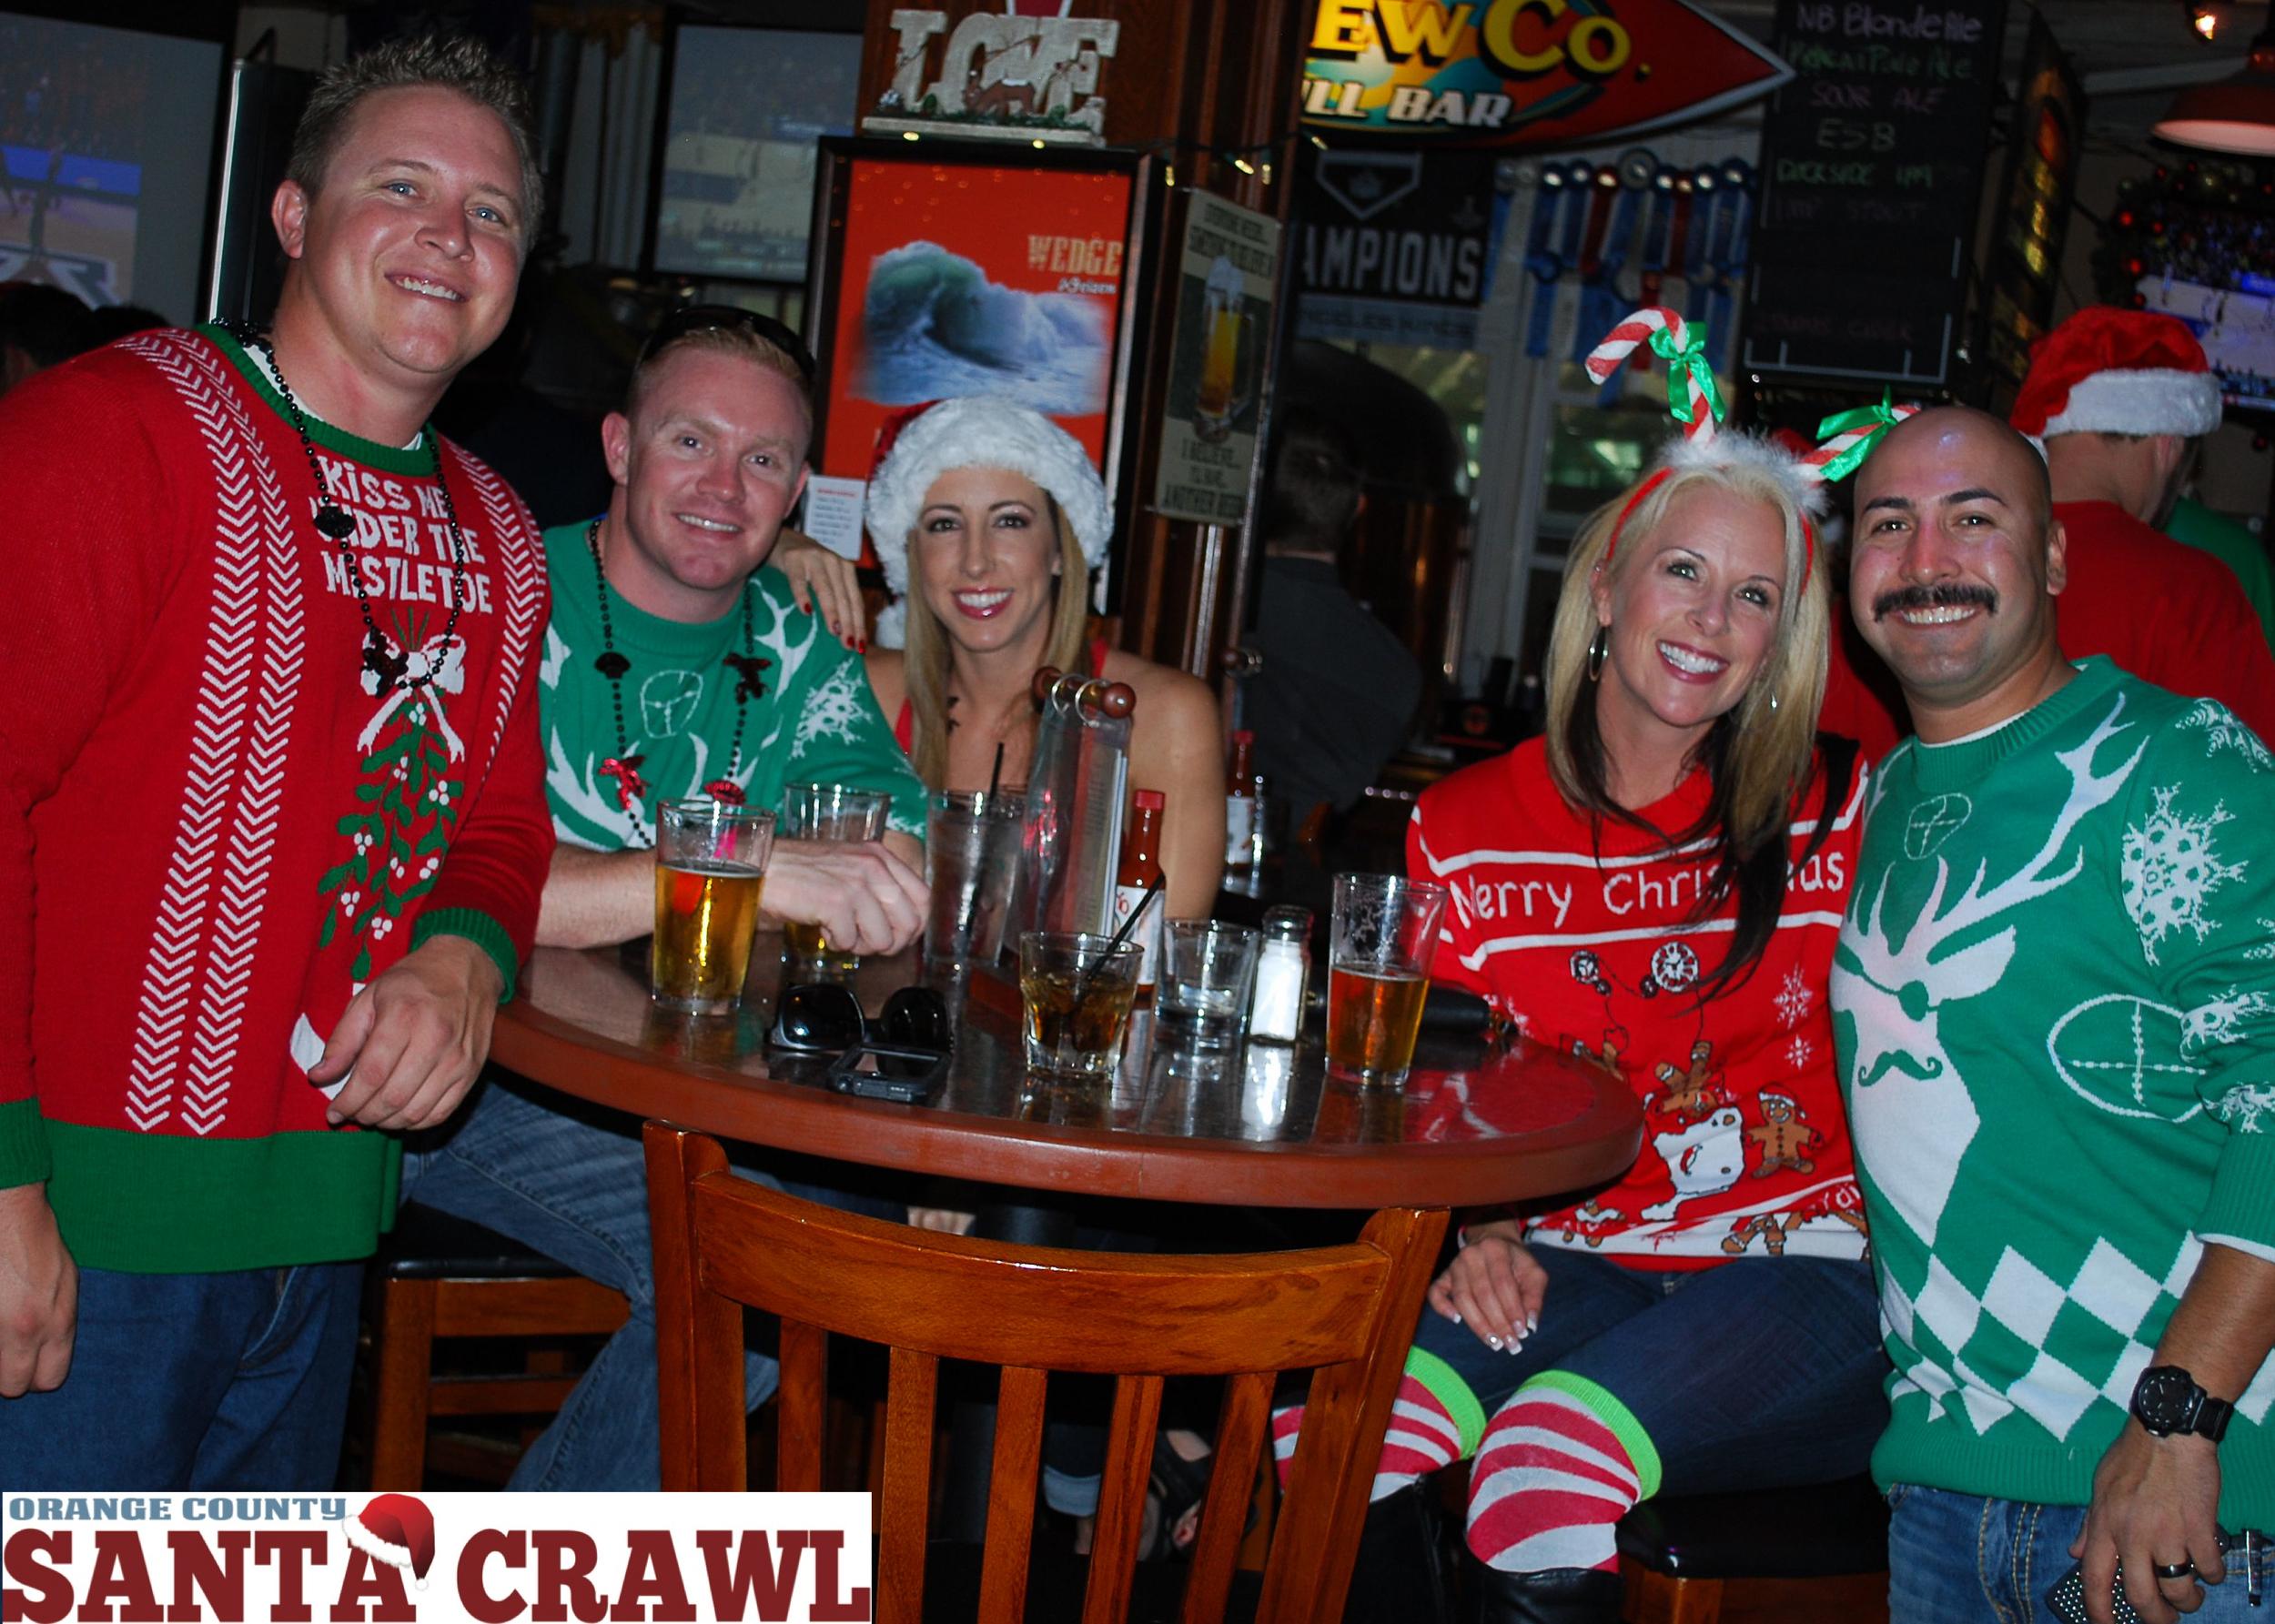 Newport Beach Santa Crawl 2014-53.jpg